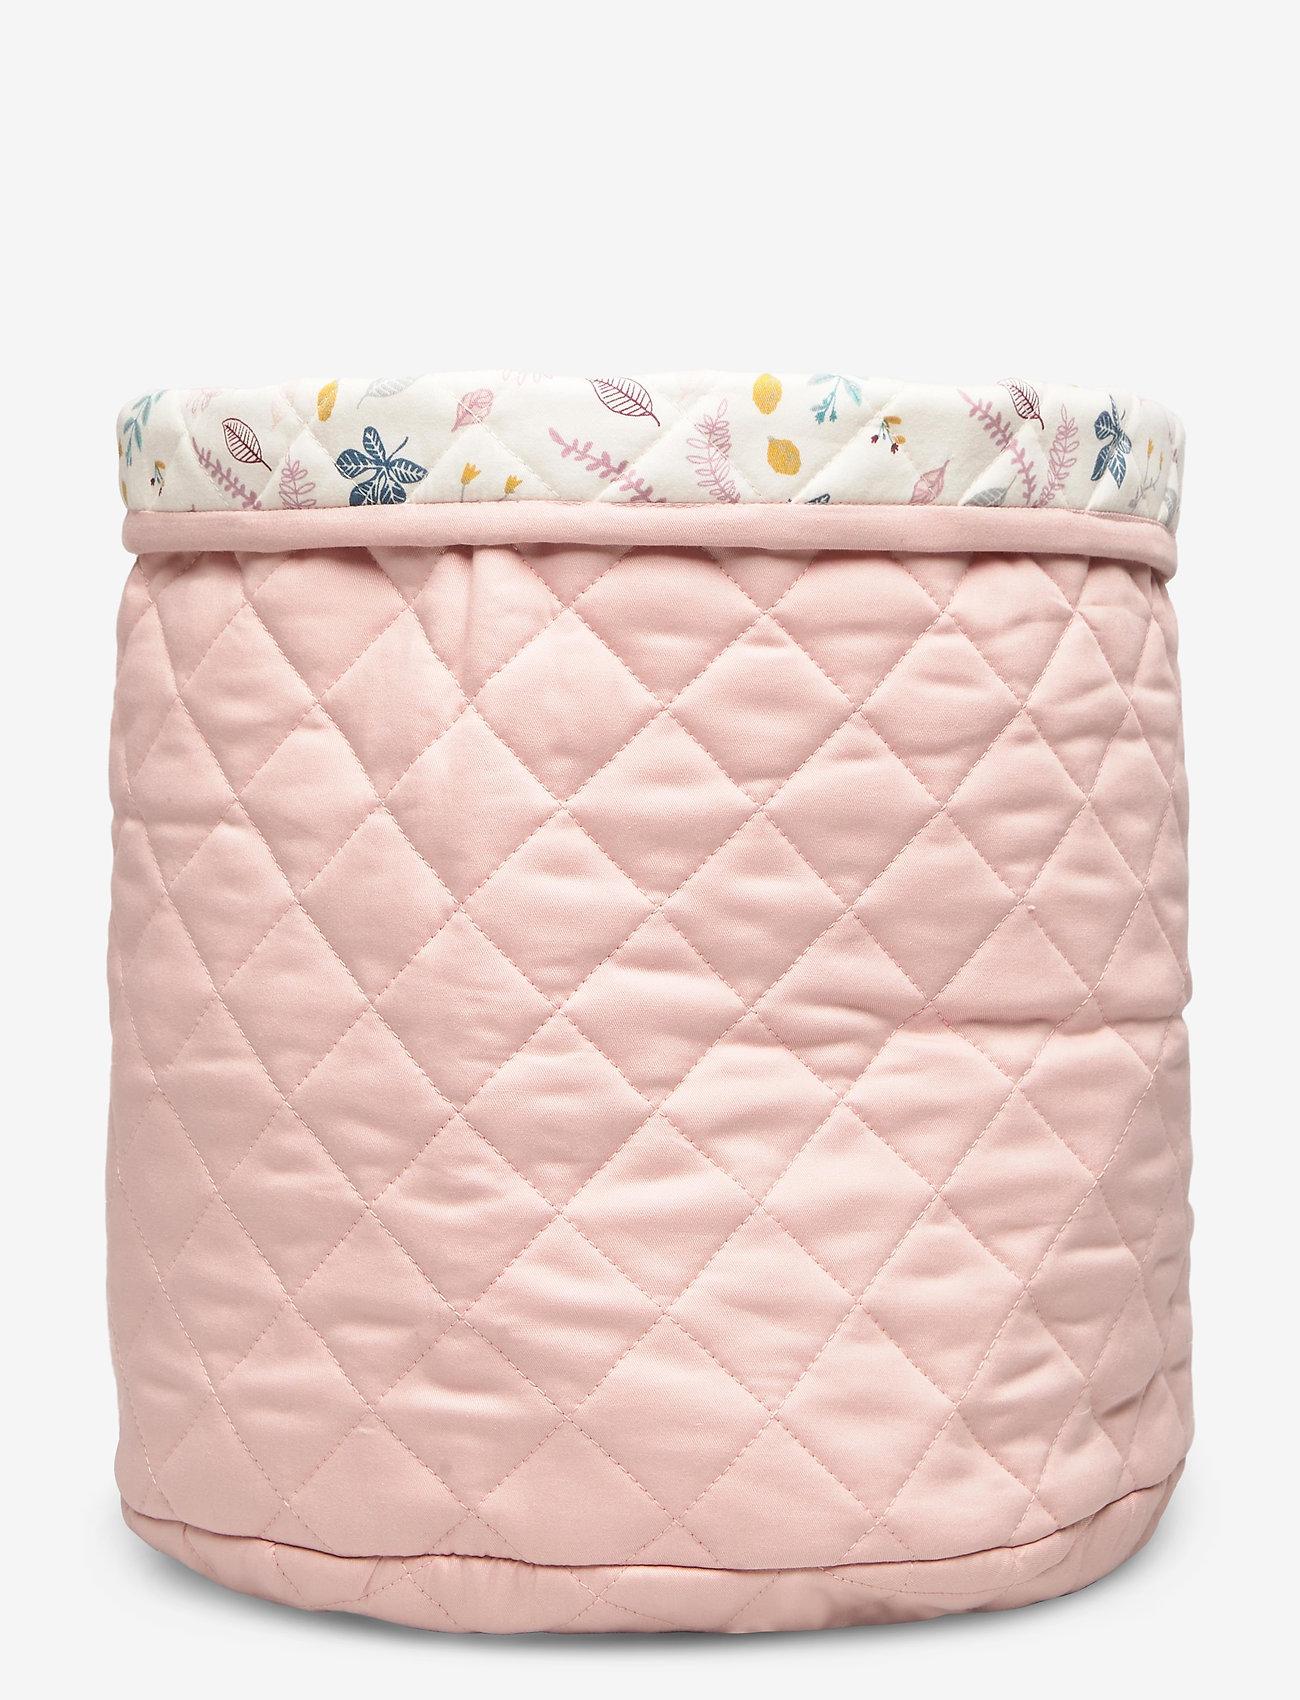 Cam Cam Copenhagen - Quilted Storage Basket, Medium - OCS Grey - przechowywanie - blossom pink - 1